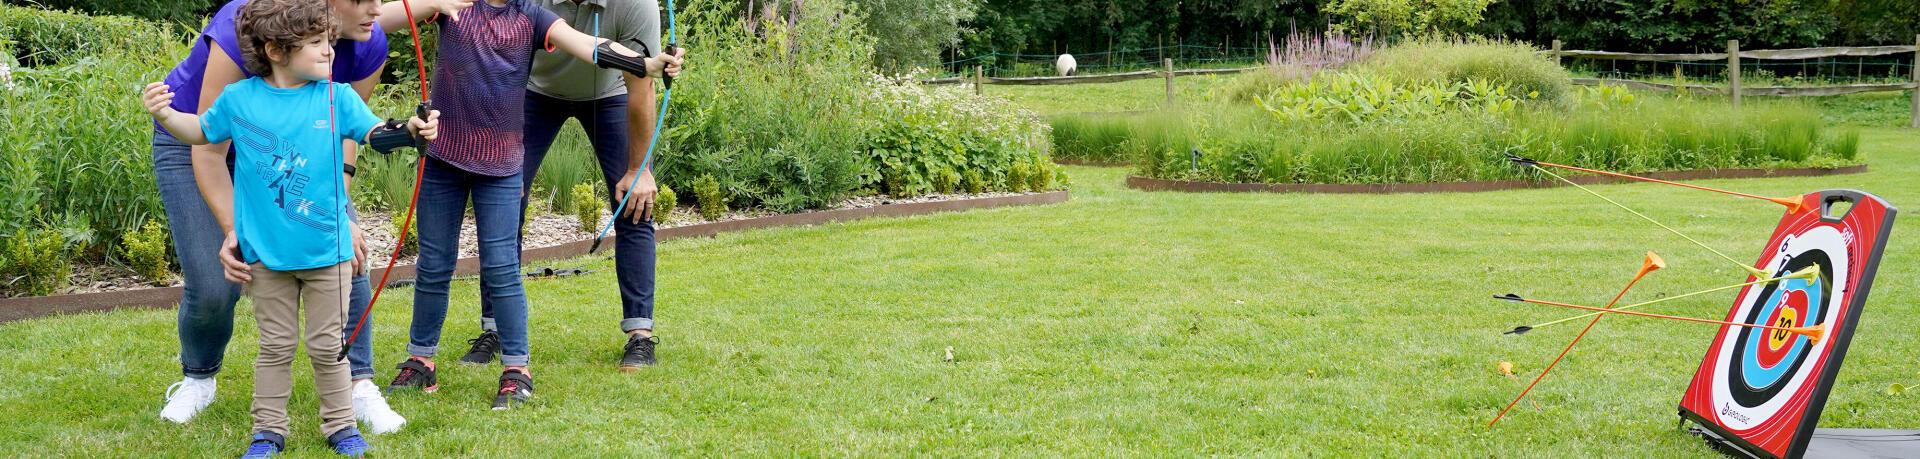 Le kit archery soft 100 pour découvrir le tir à l'arc en famille